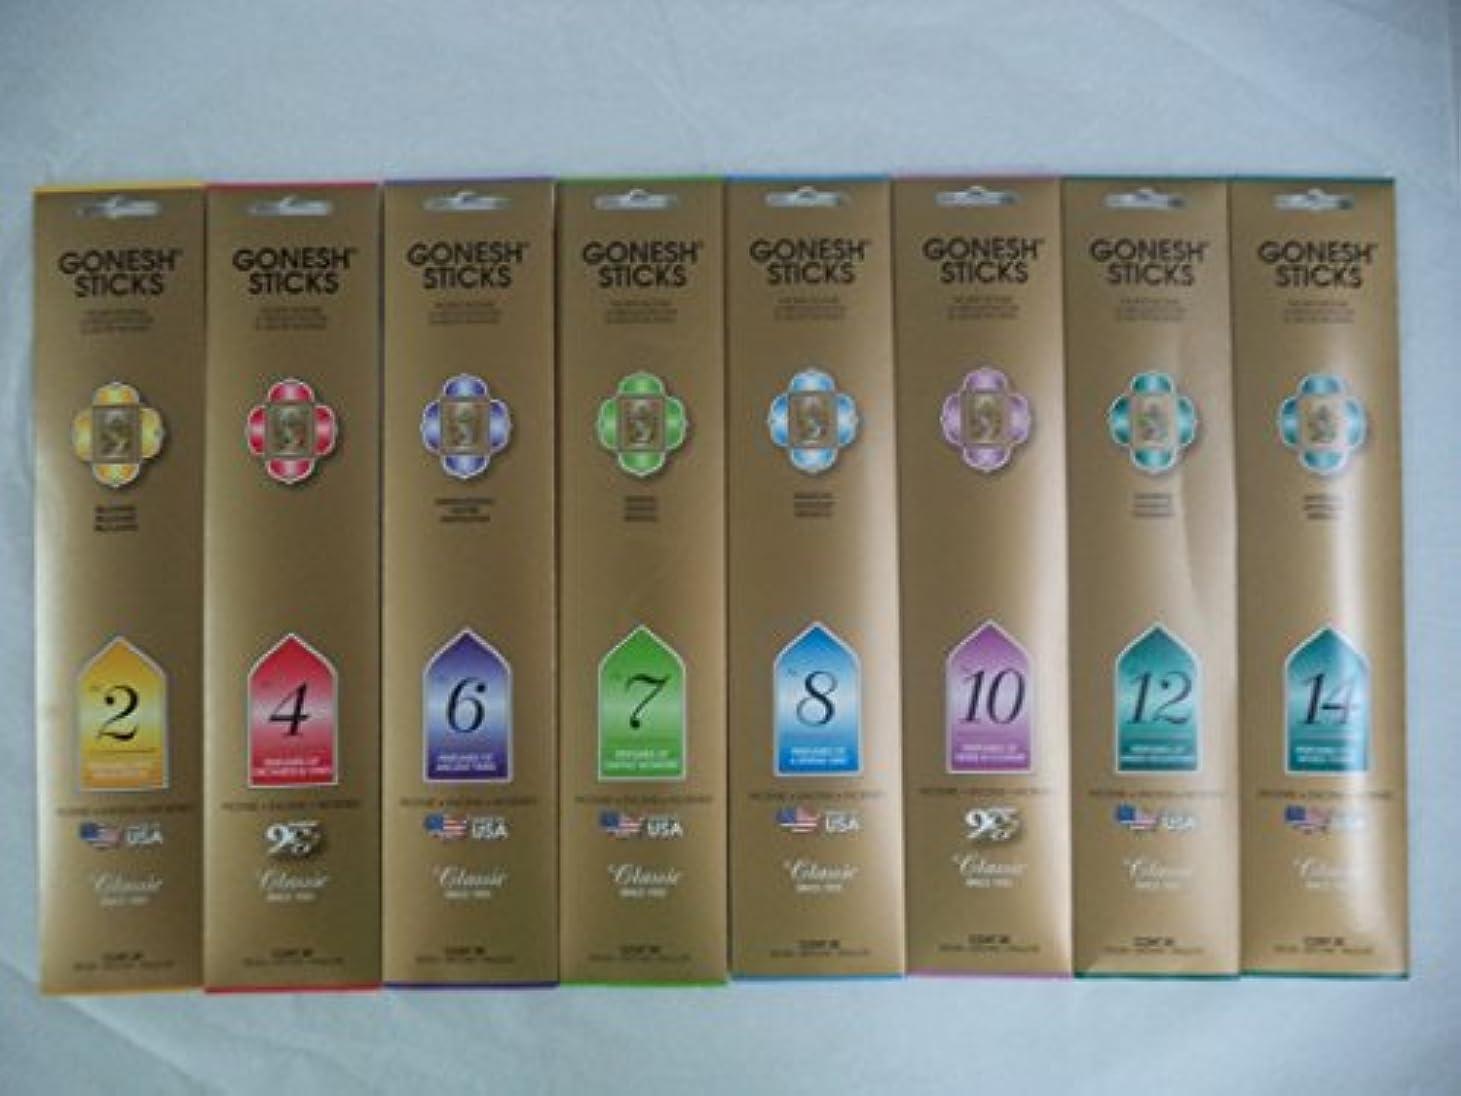 感染する流出効率的にGonesh 2 4 6 7 8 10 12 14 Incenseサンプラー20 Sticks x 8パック( 160スティック)